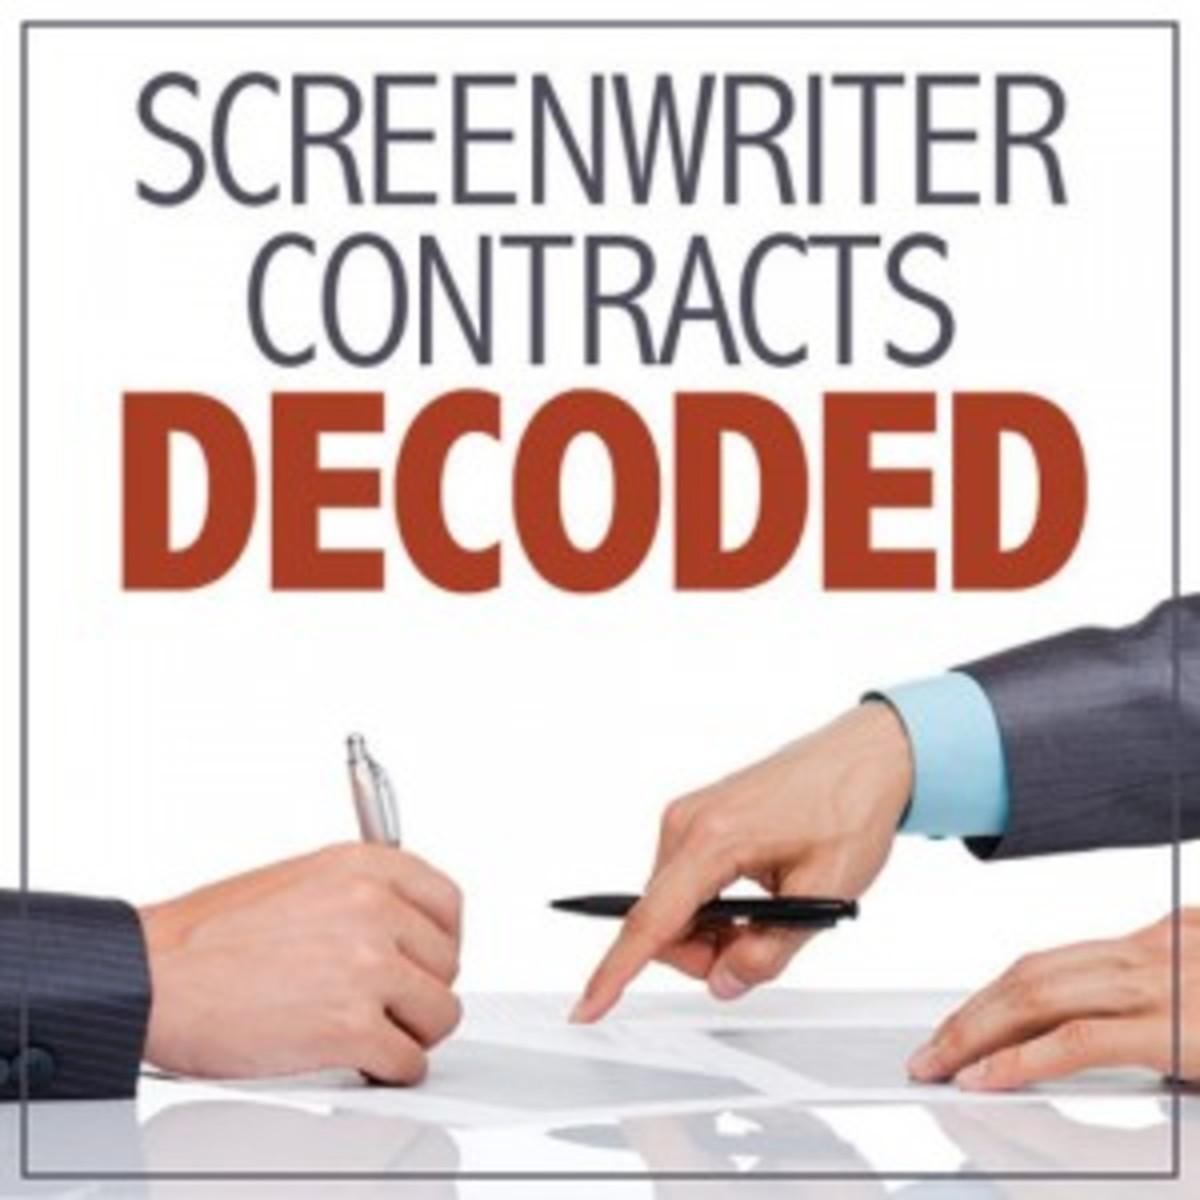 ws_contractsdecoded-500_medium